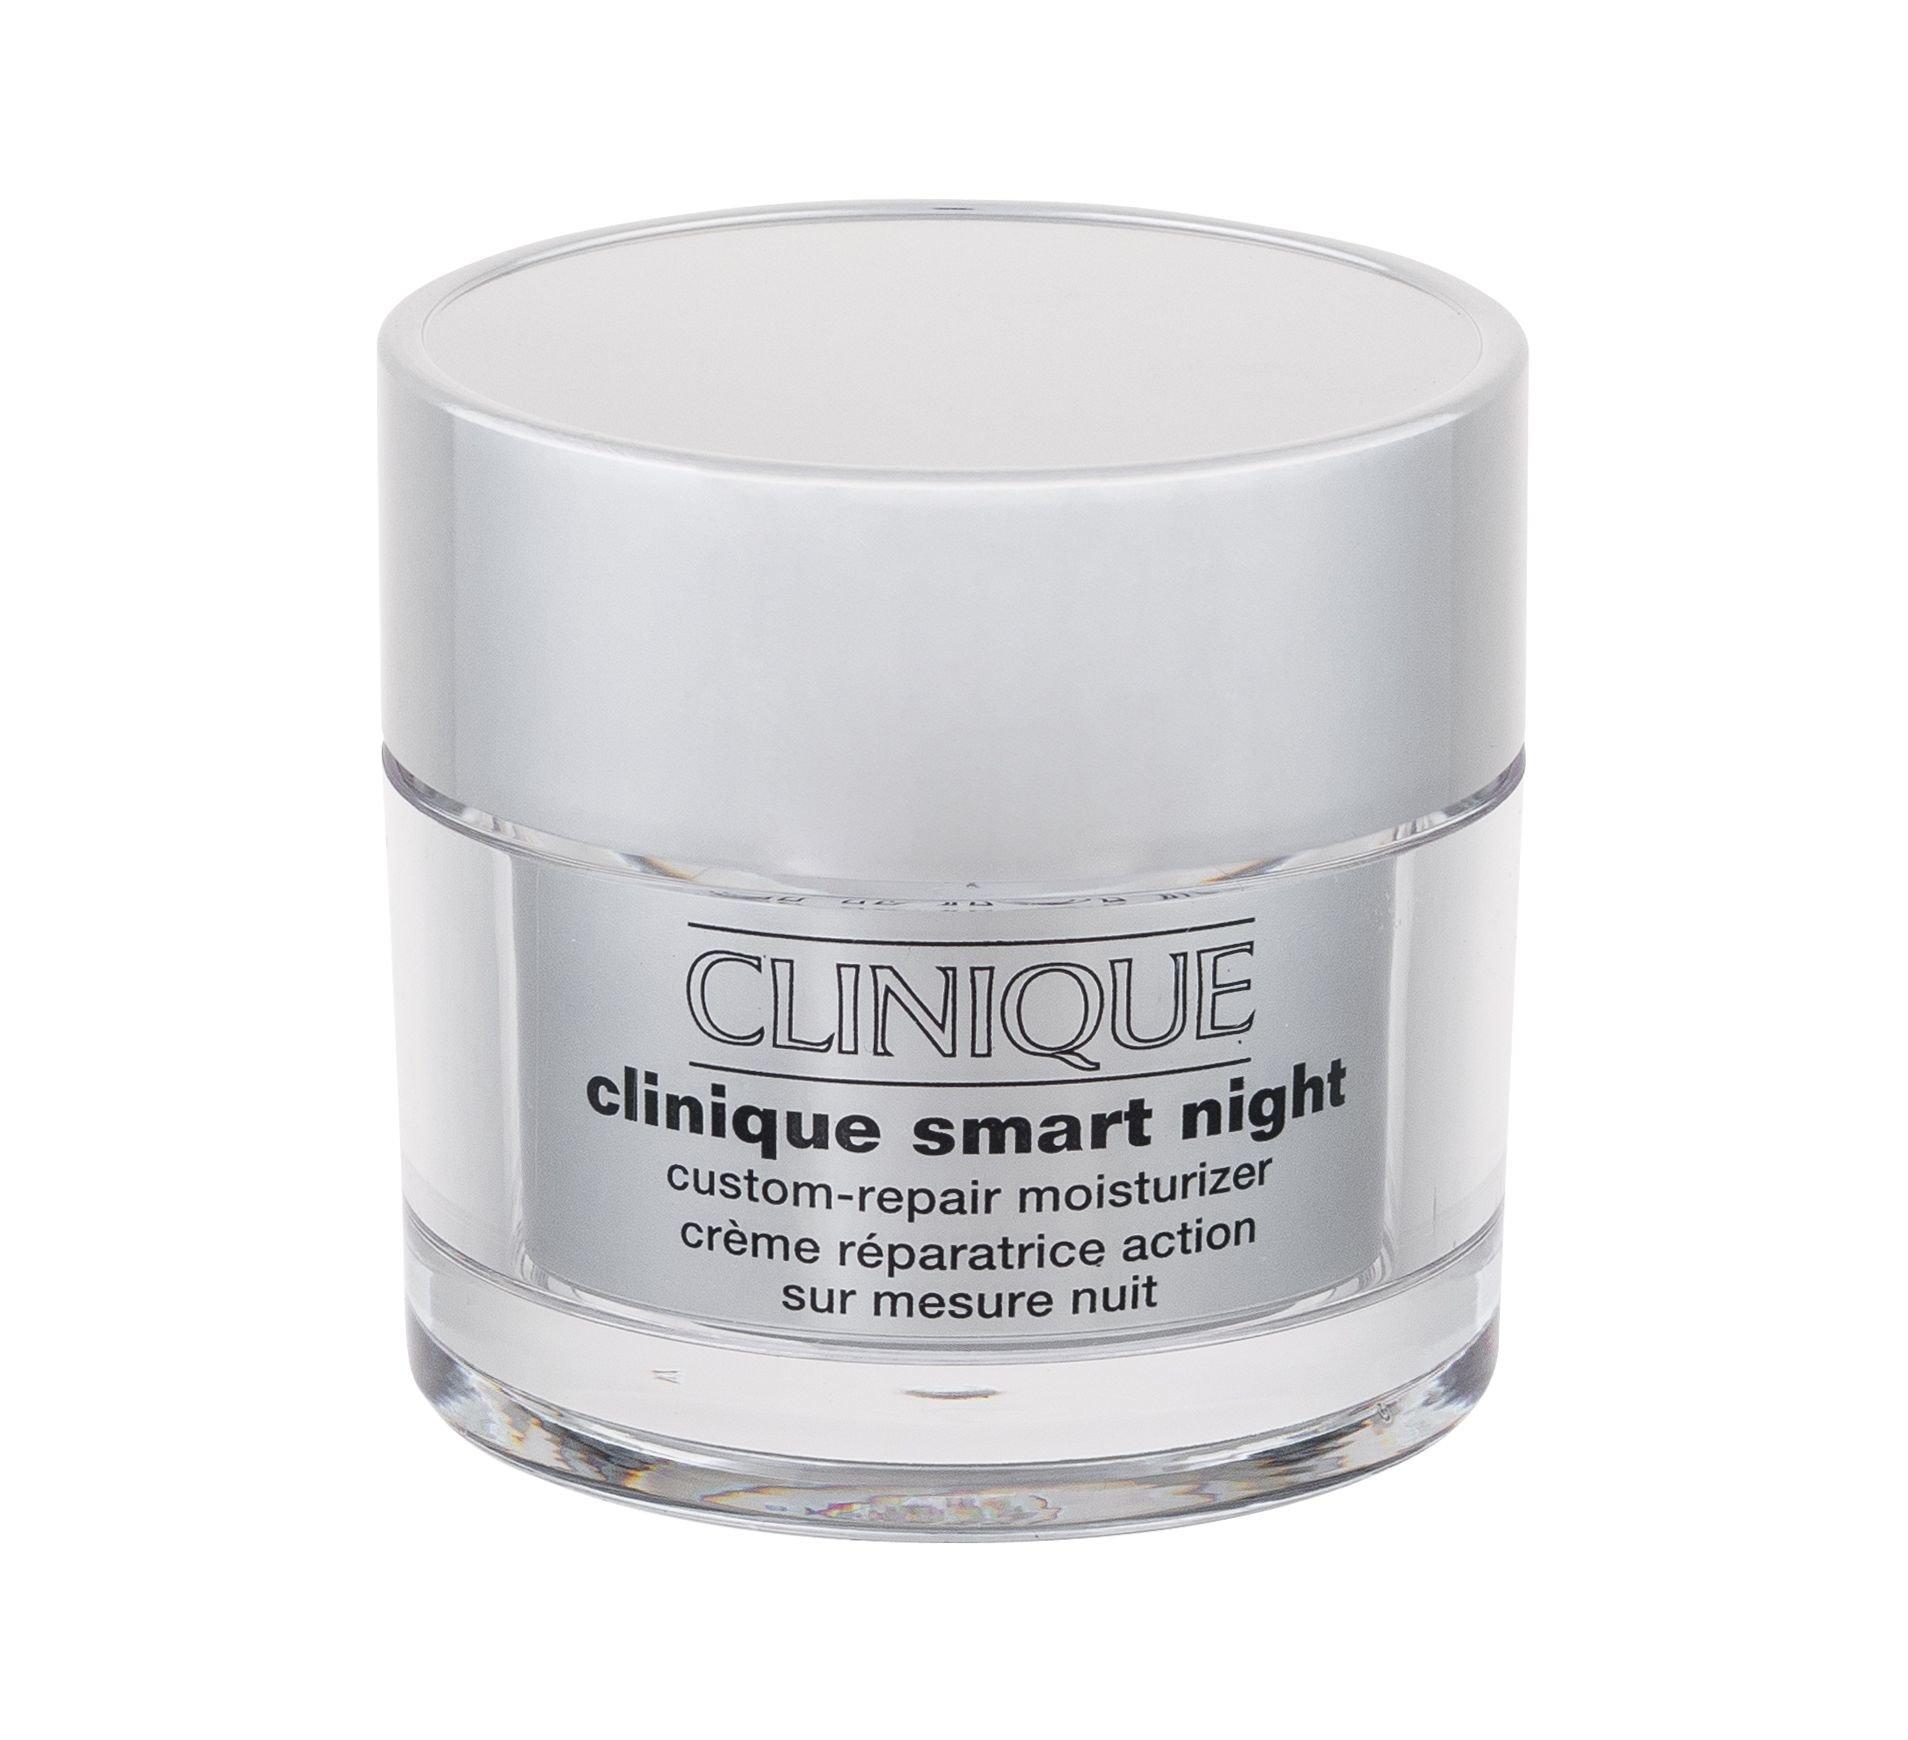 Clinique Clinique Smart Night Skin Cream 50ml